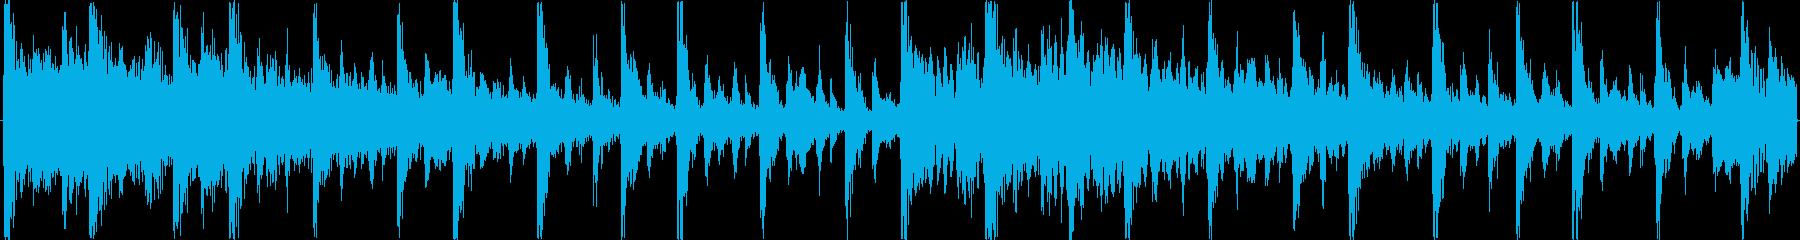 ドラムンベースを基本にした楽曲です。の再生済みの波形